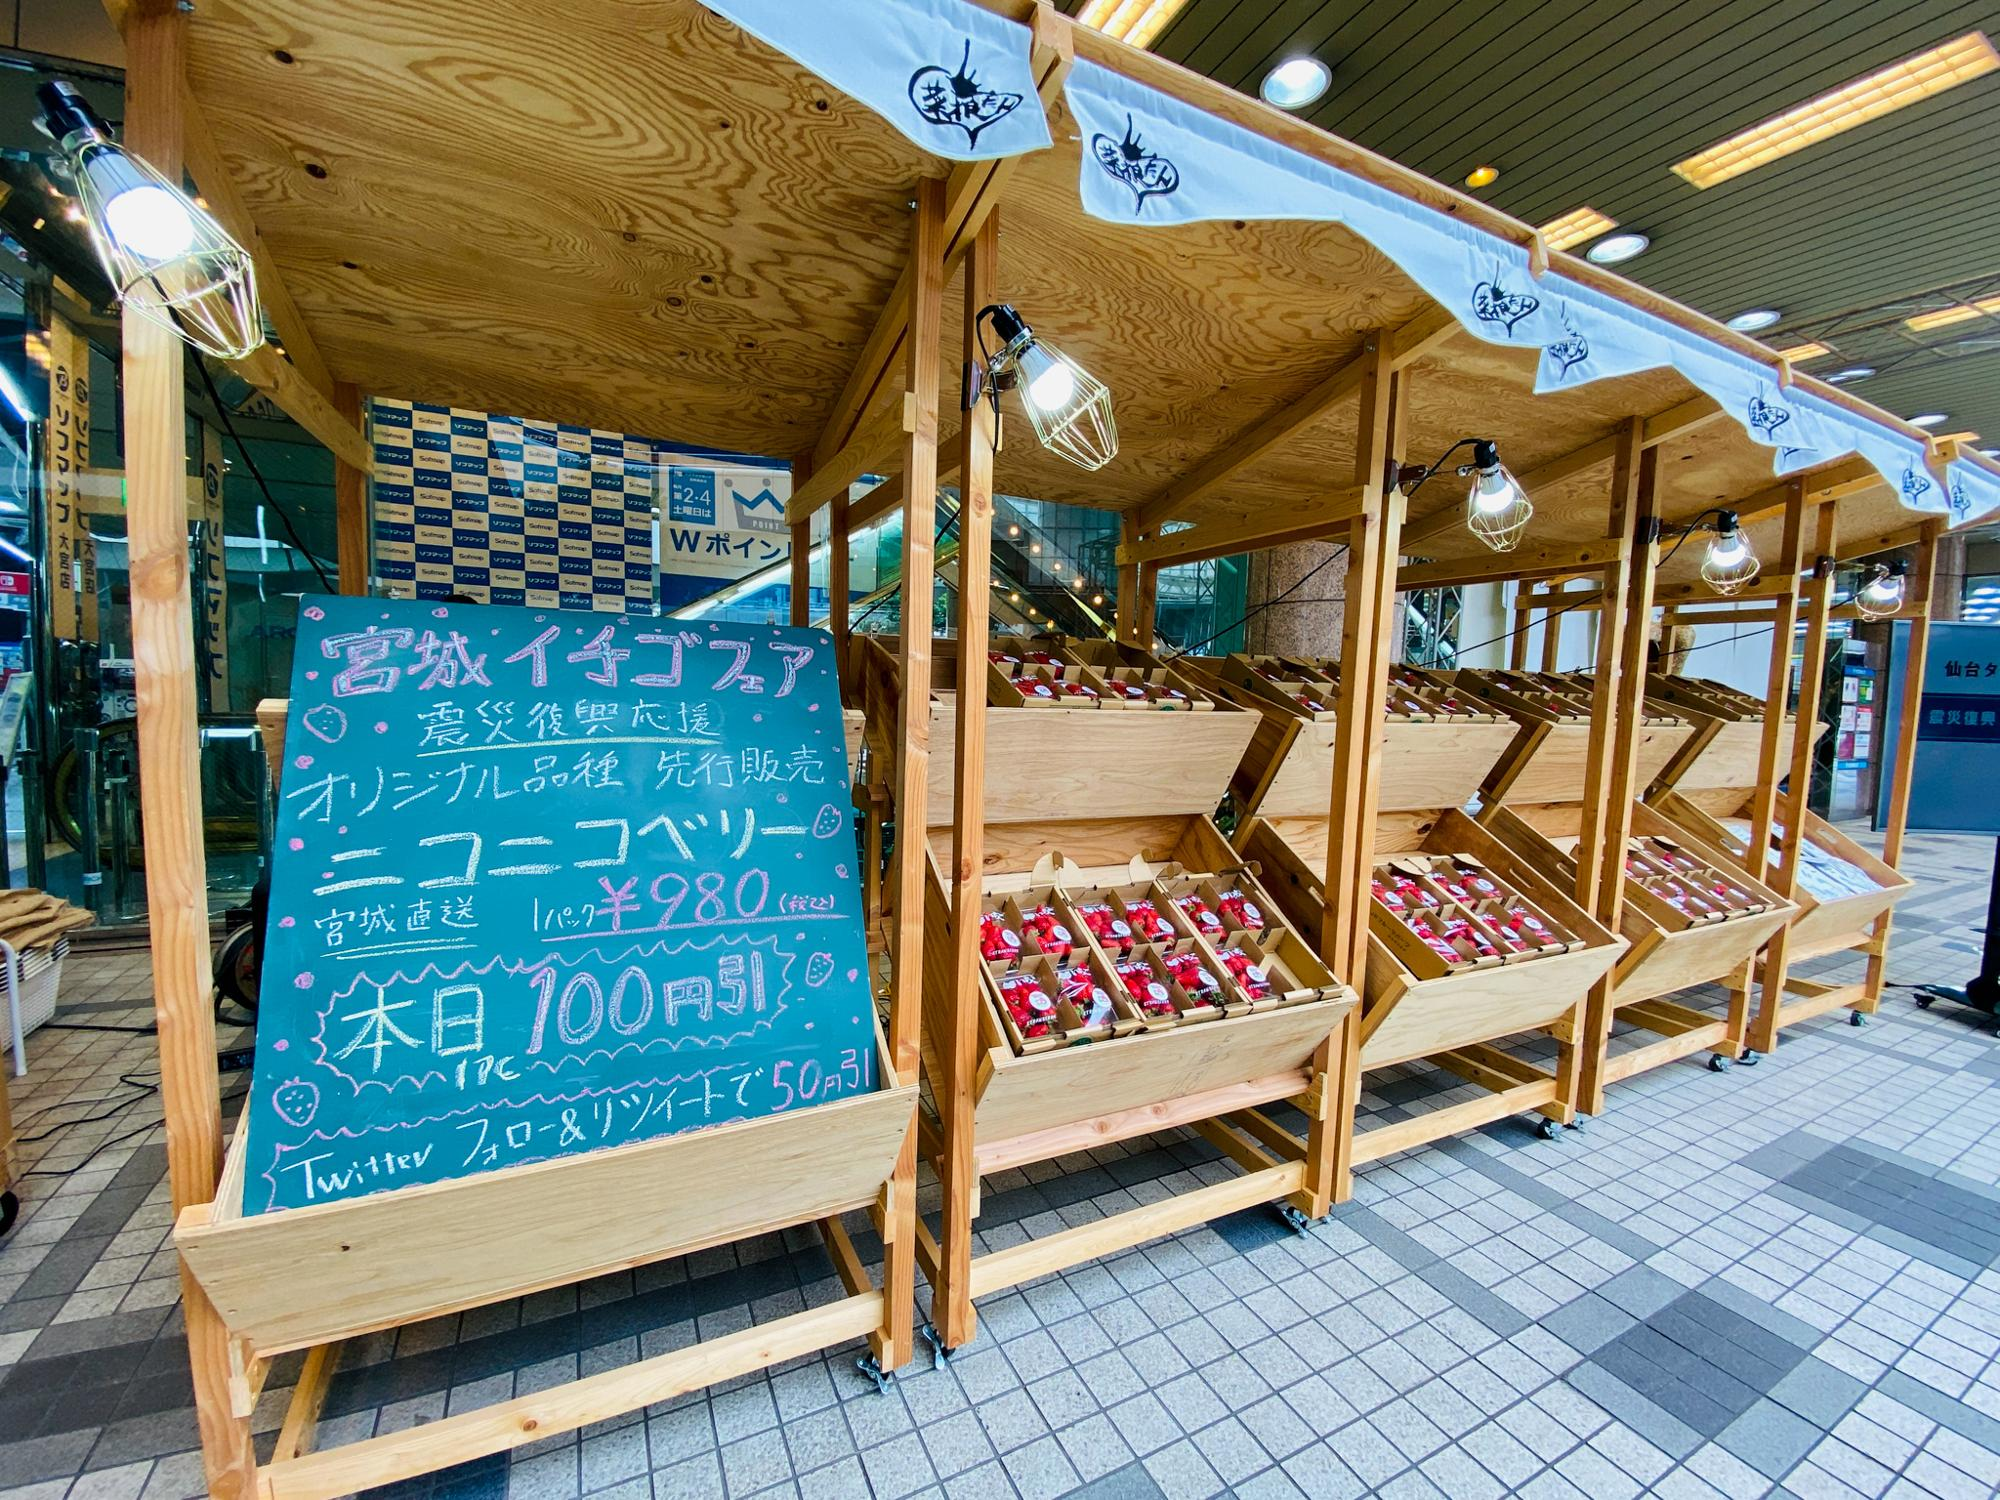 3月7日(日)に実施されていた宮城イチゴフェアの様子。お店の周りにはイチゴの甘い香りが…